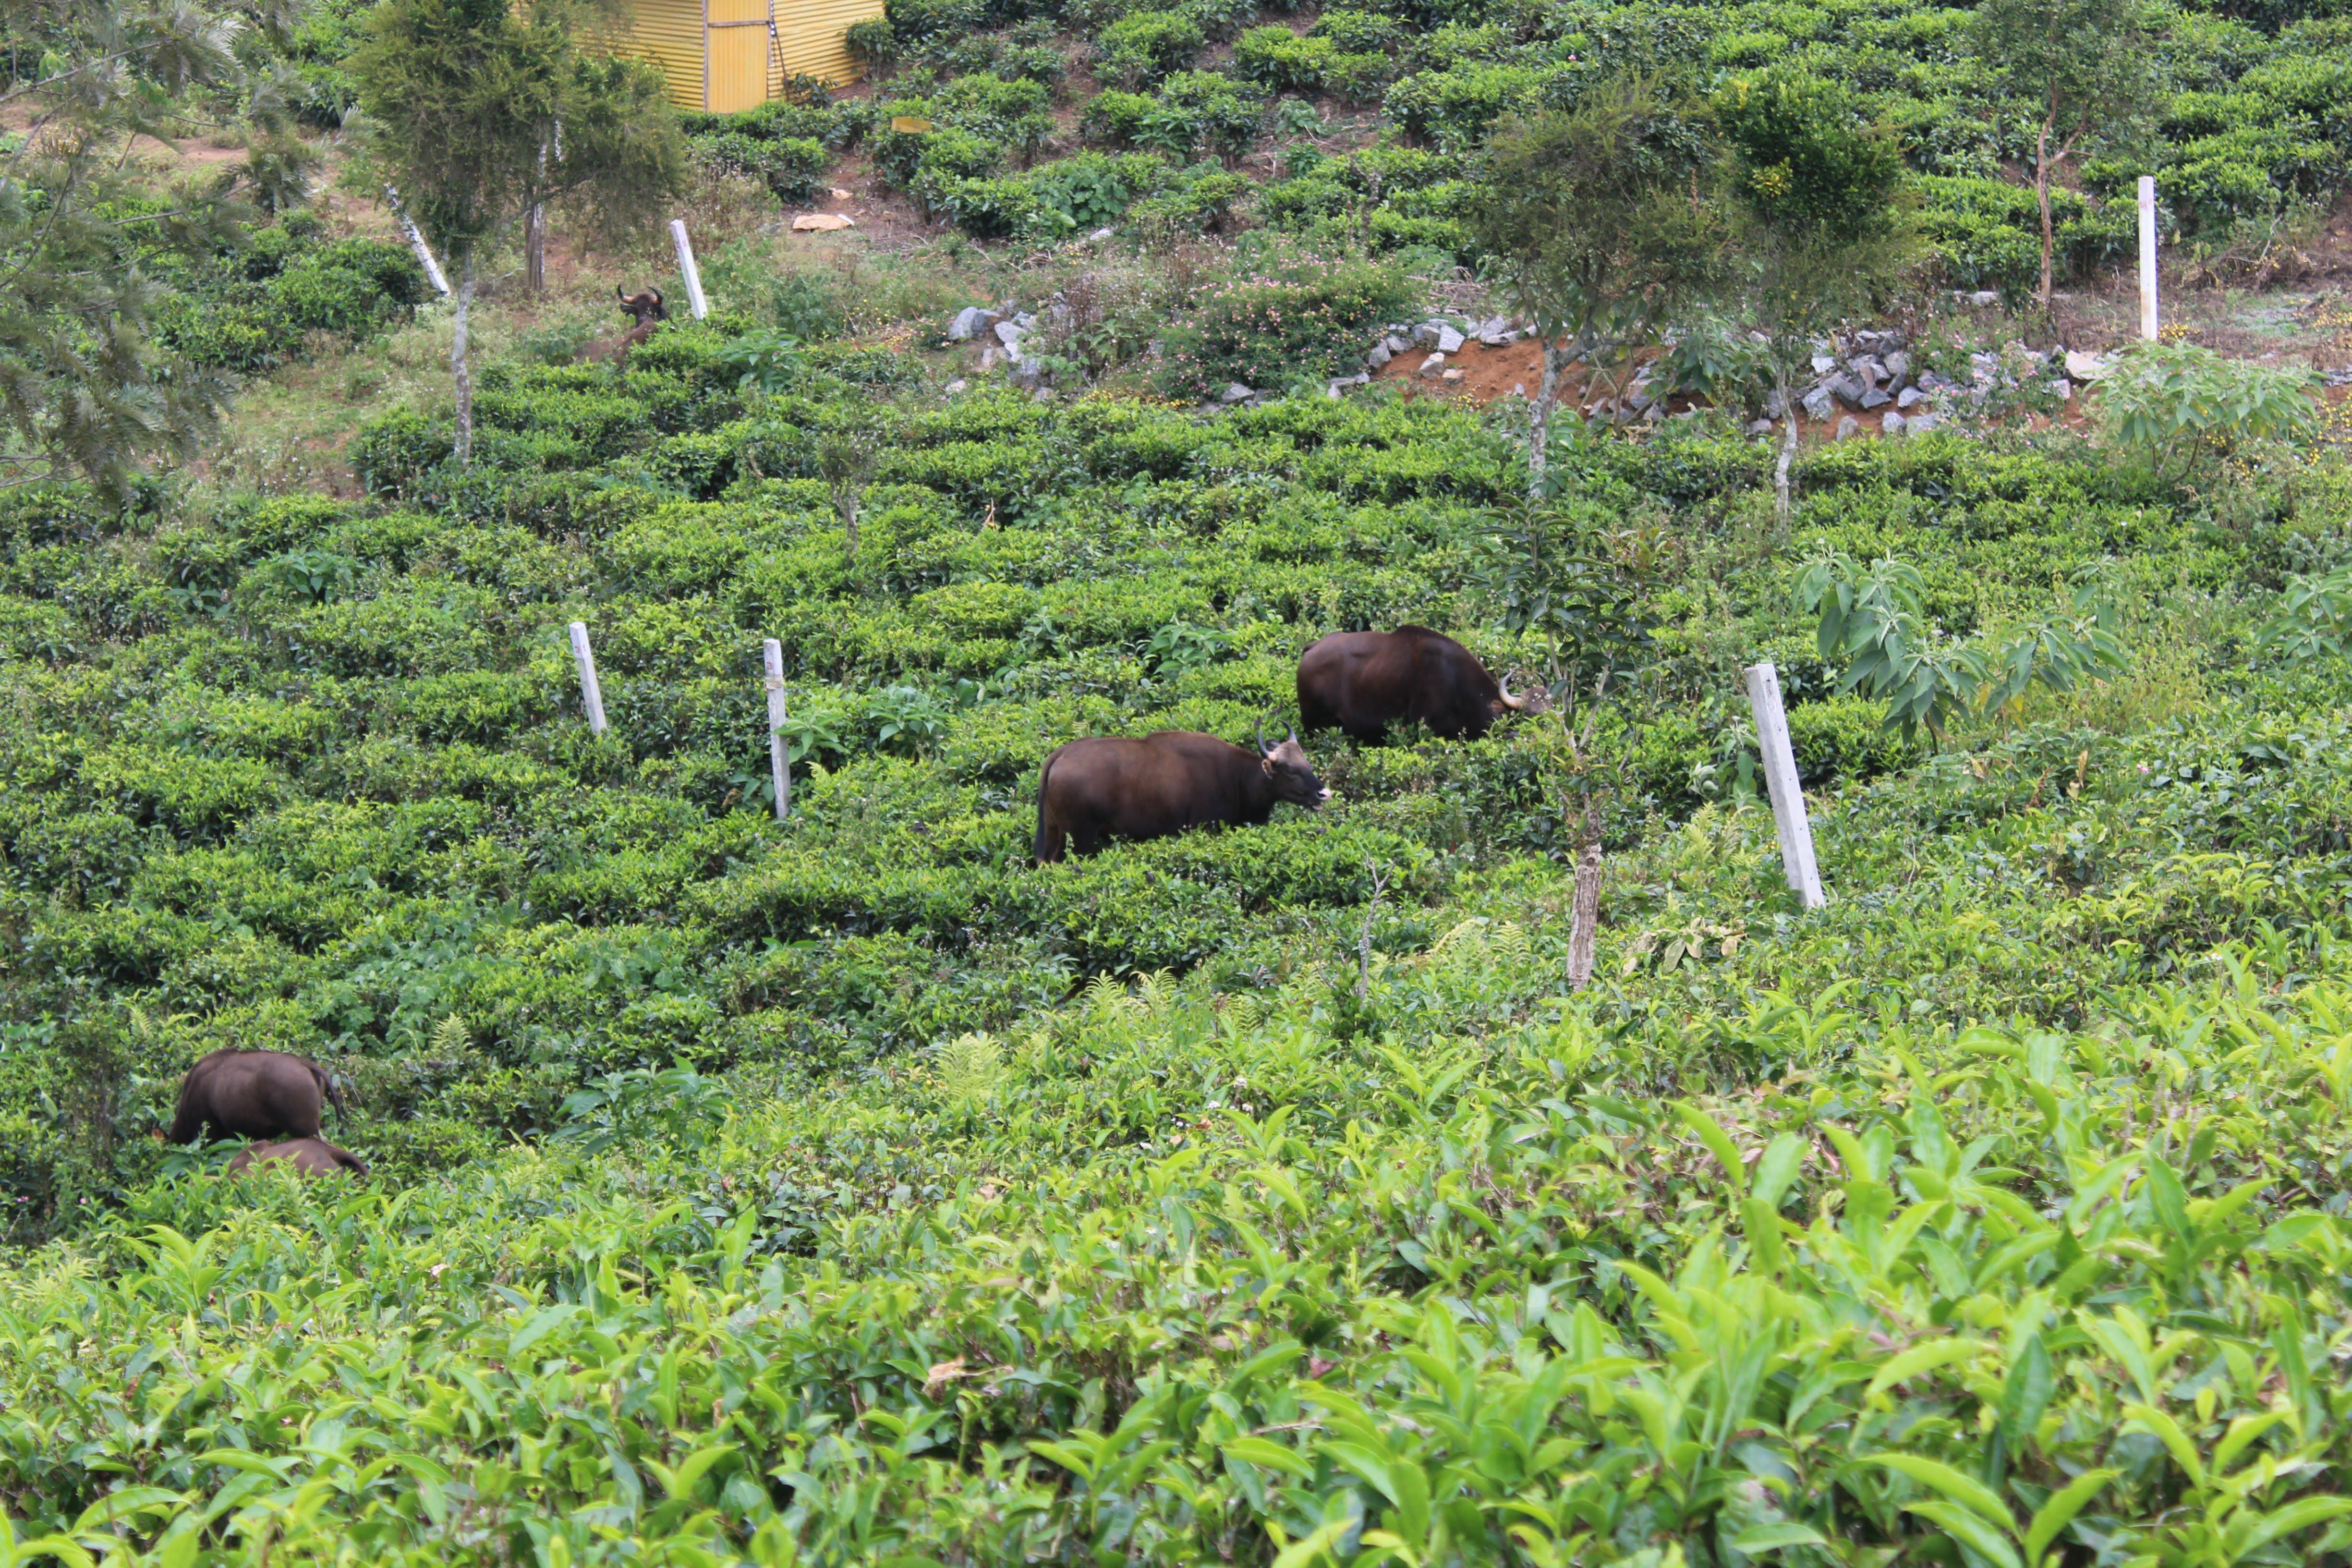 Bison in Kotagiri, Ooty